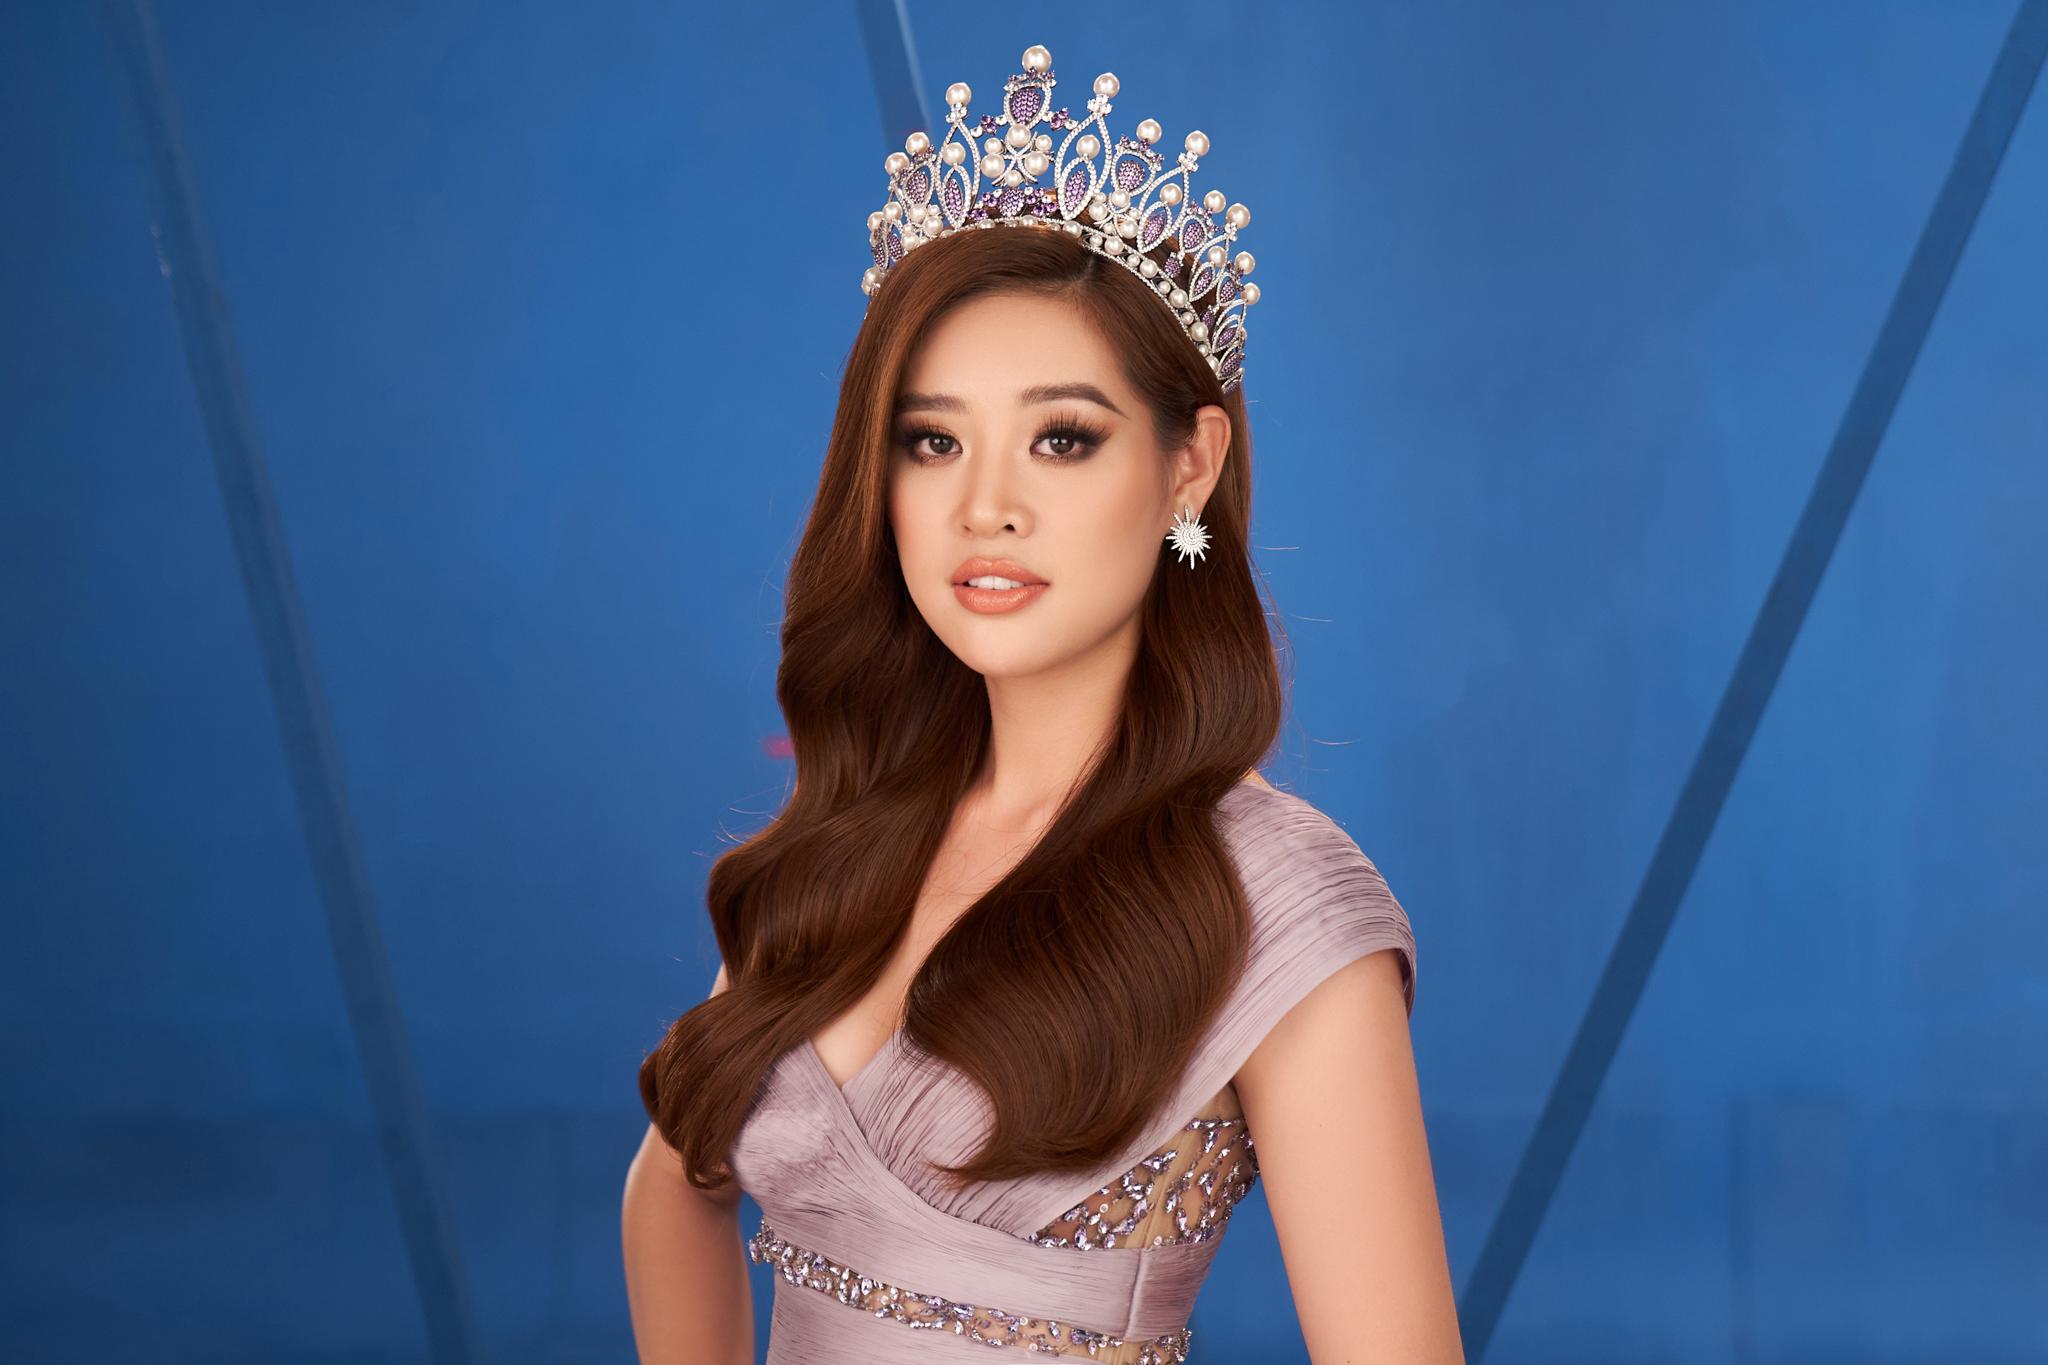 Victory – Hoa hậu Khánh Vân đội vương miện, tự tin khoe sắc với thế giới. Đến thời điểm hiện tại, Khánh Vân sẵn sàng cho Miss Universe 2020.